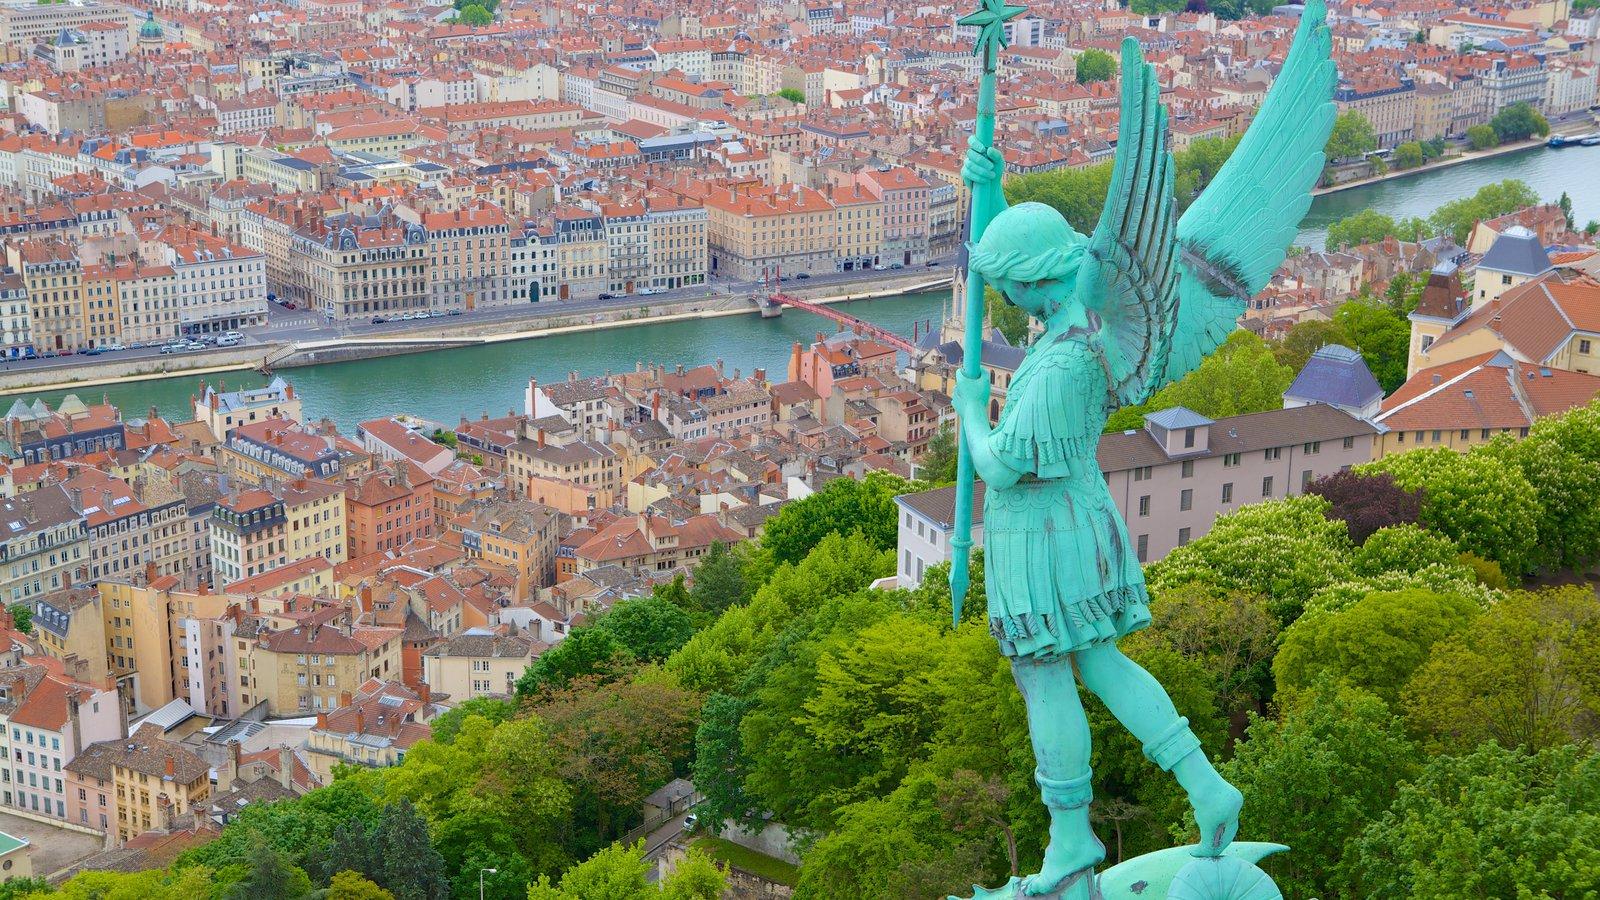 Basílica de Notre-Dame caracterizando uma cidade e uma estátua ou escultura